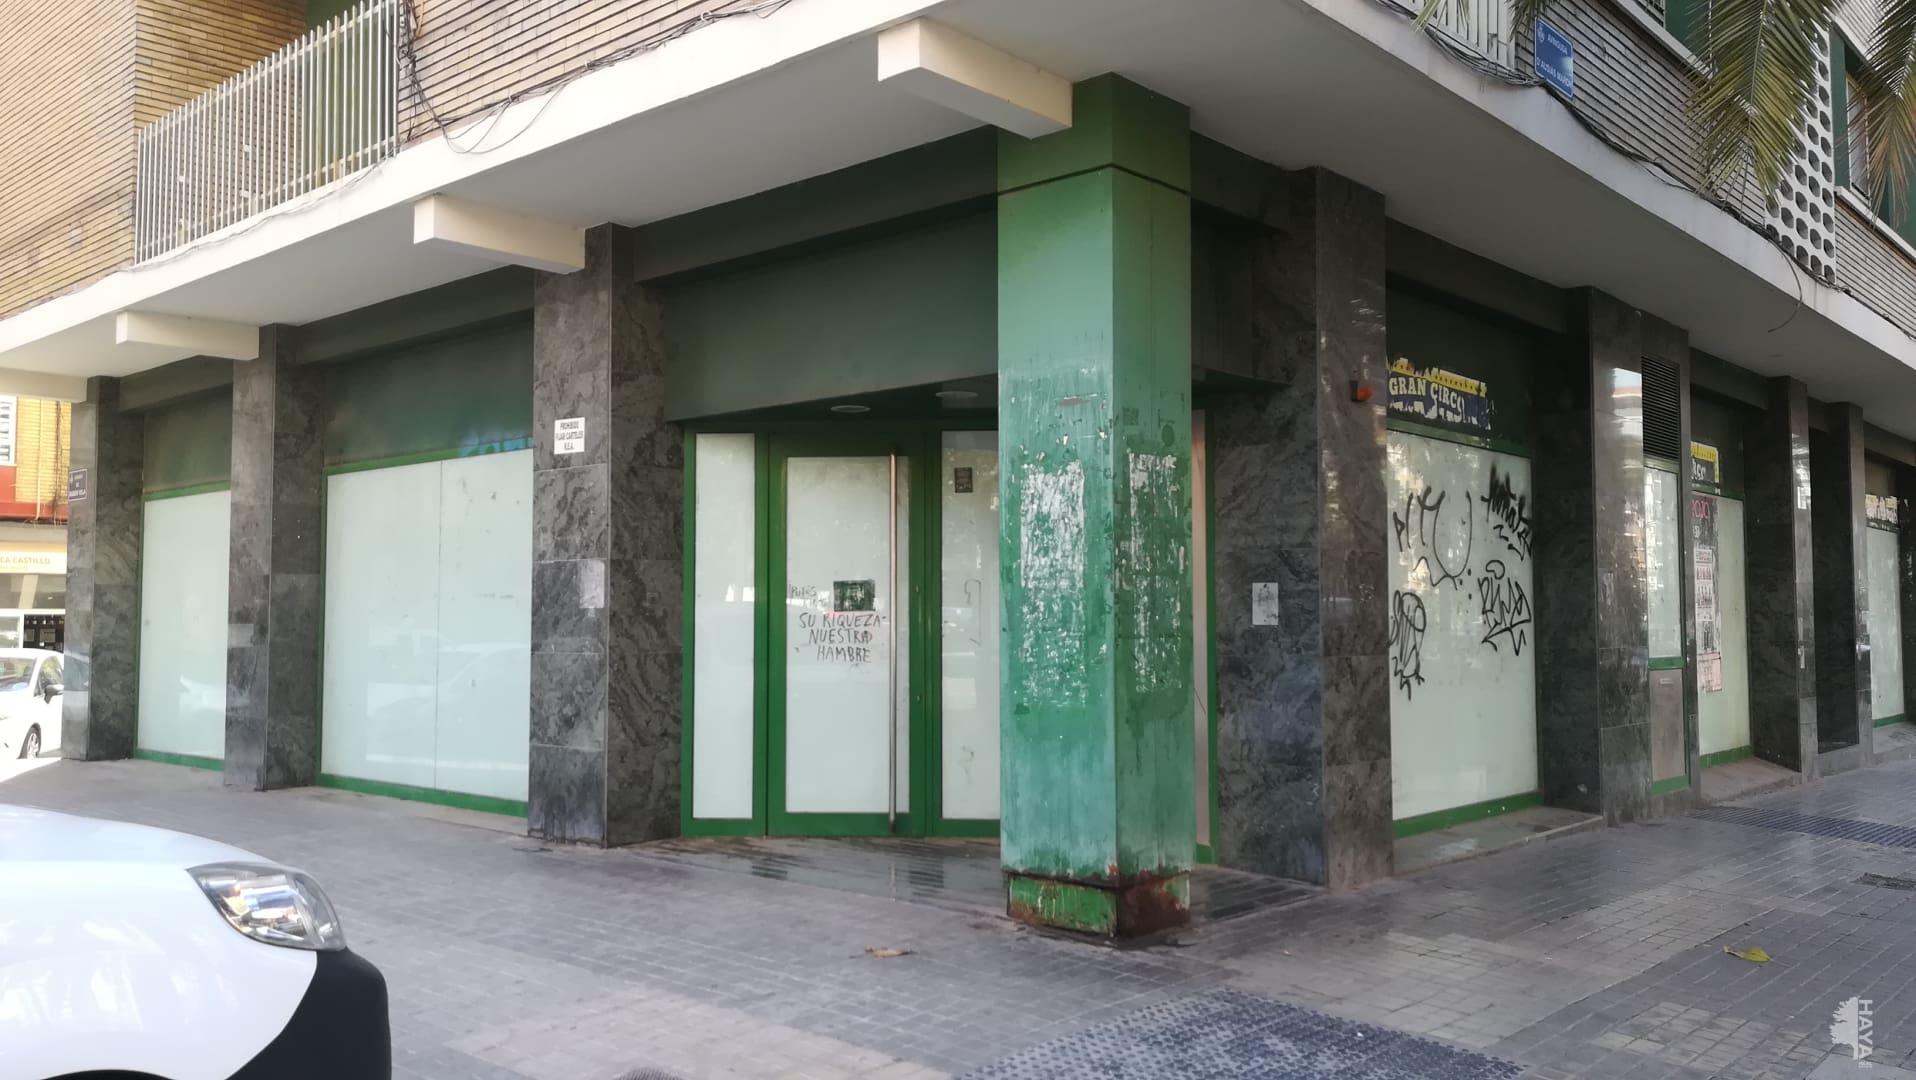 Local en venta en Valencia, Valencia, Calle Ruben Vela, 589.500 €, 702 m2